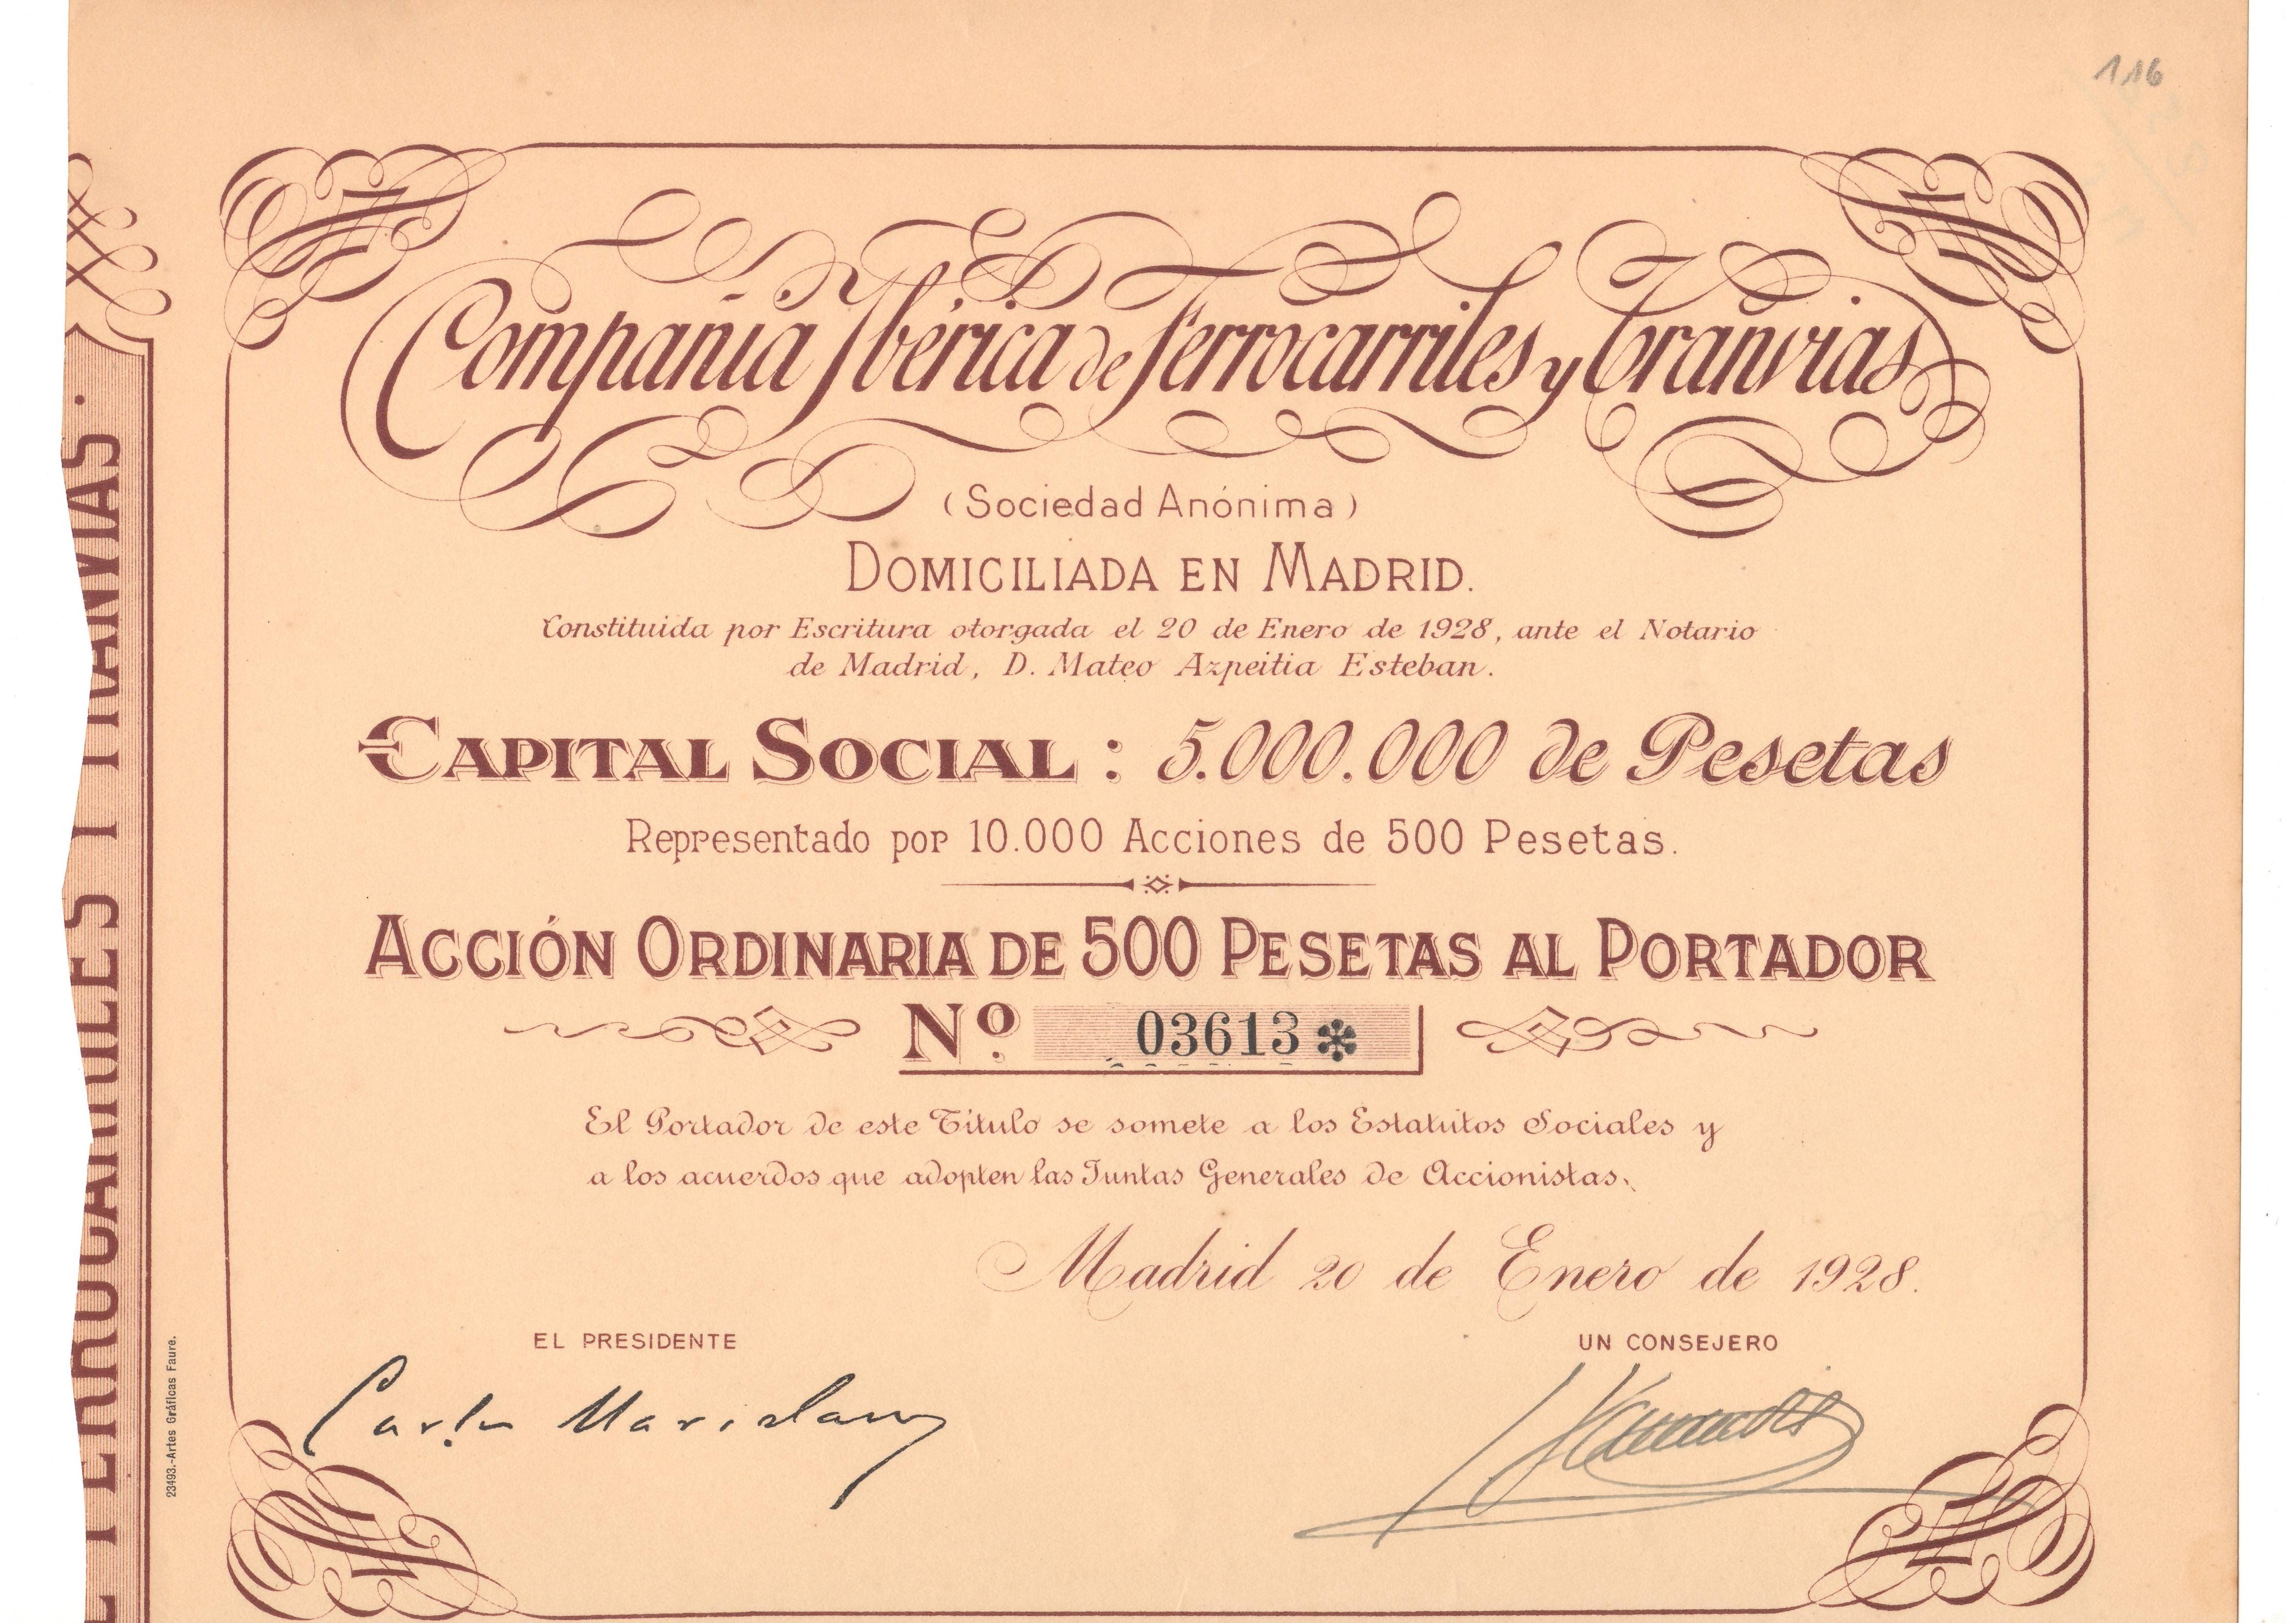 Compañía Ibérica de Ferrocarriles y Tranvías